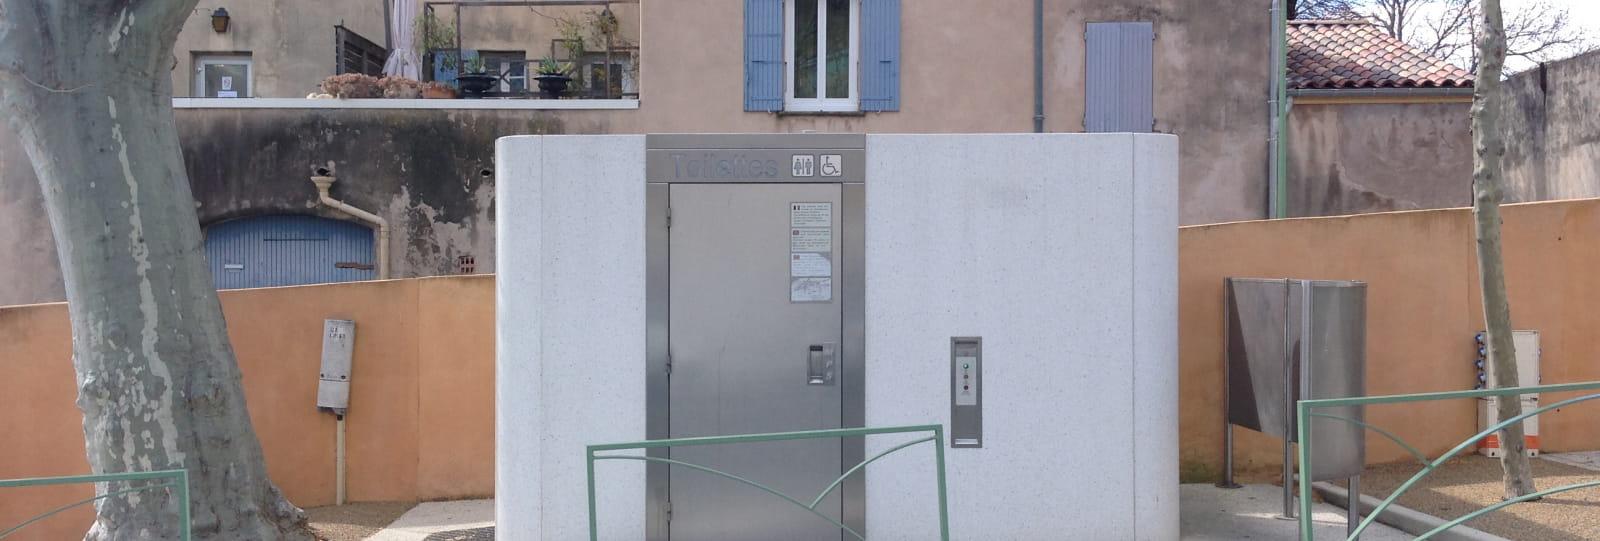 WC publics accessibles aux personnes à mobilité réduite